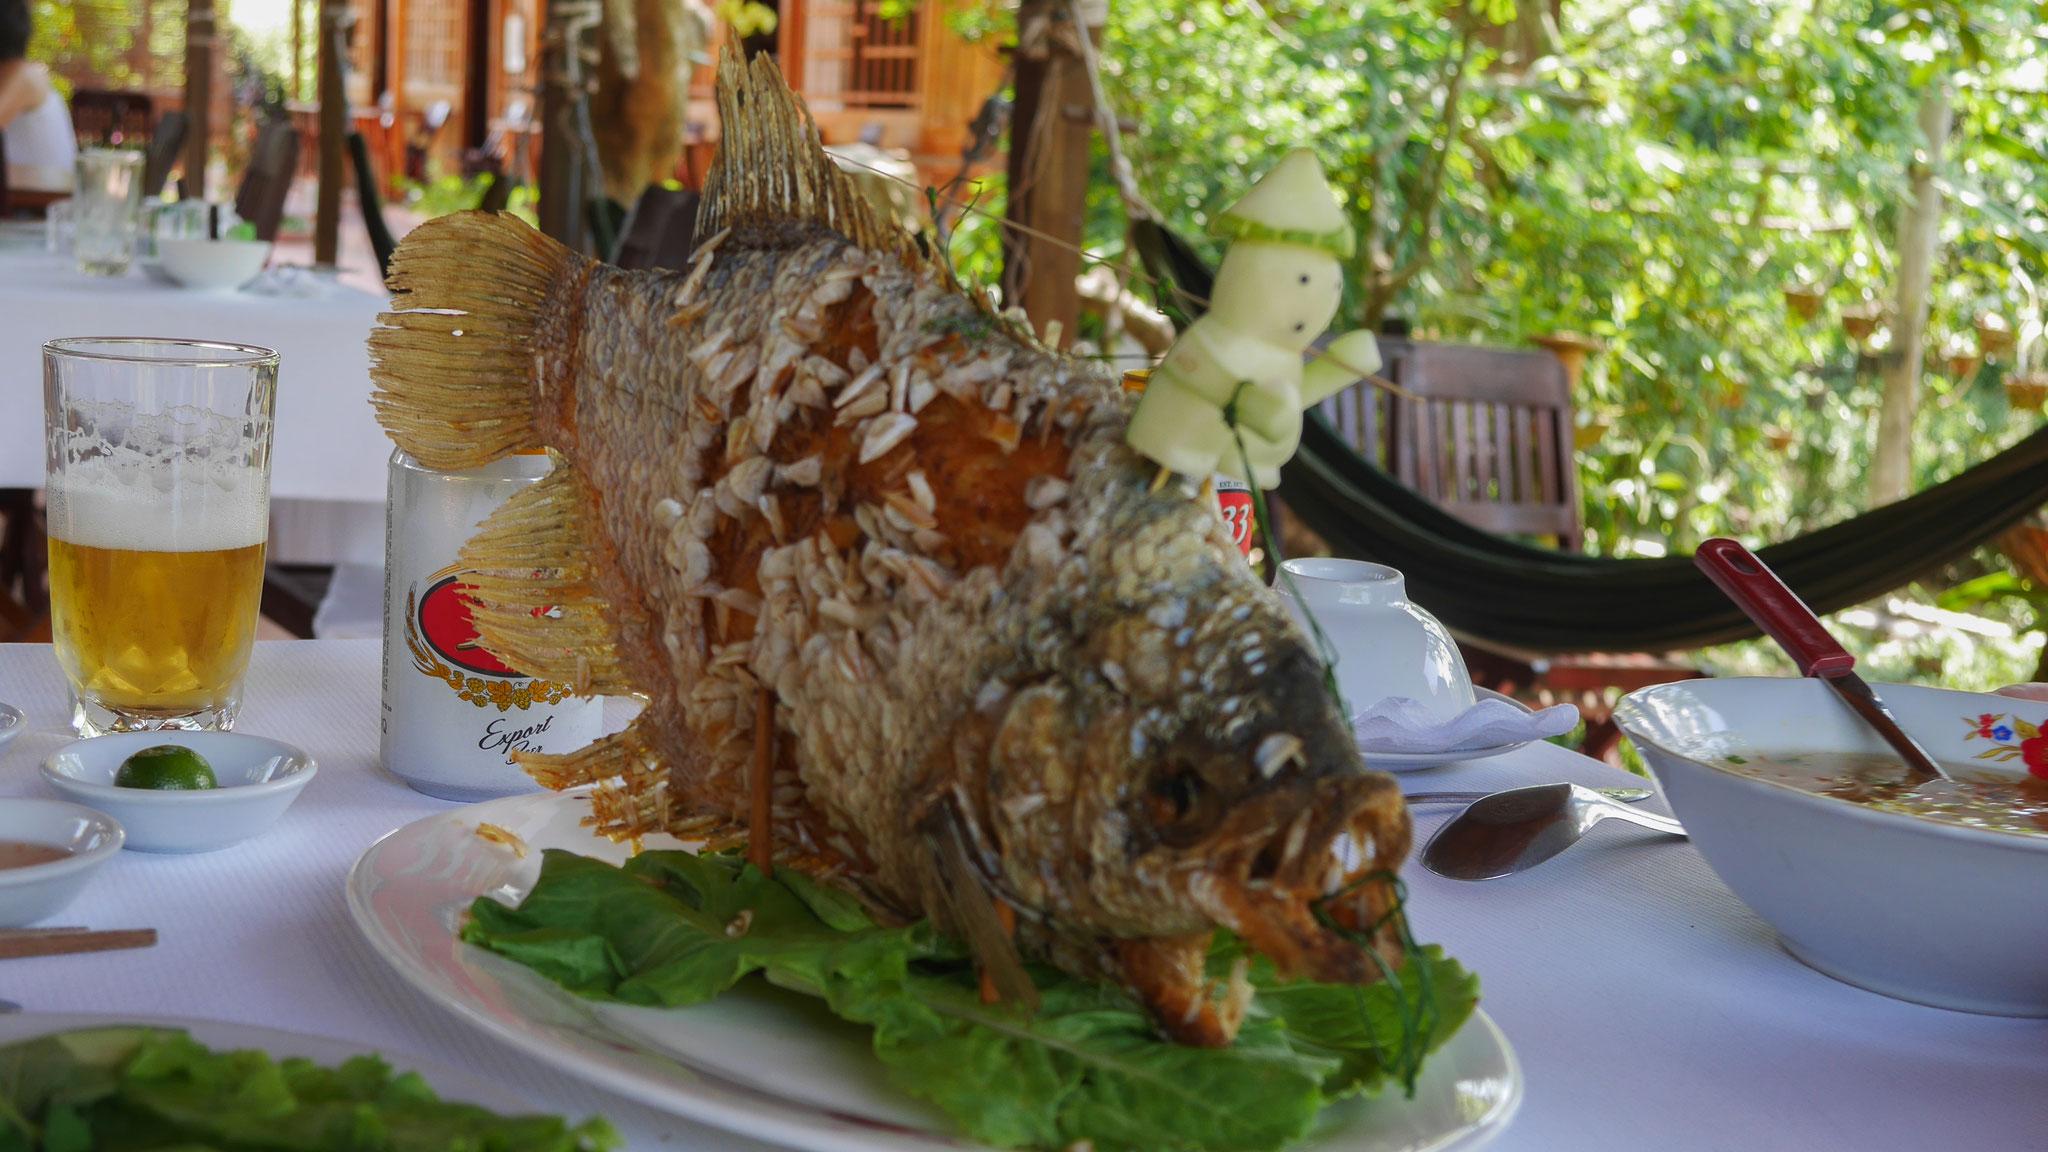 unterwegs im Mekong Delta - Mittagessen Elefantenohrenfisch